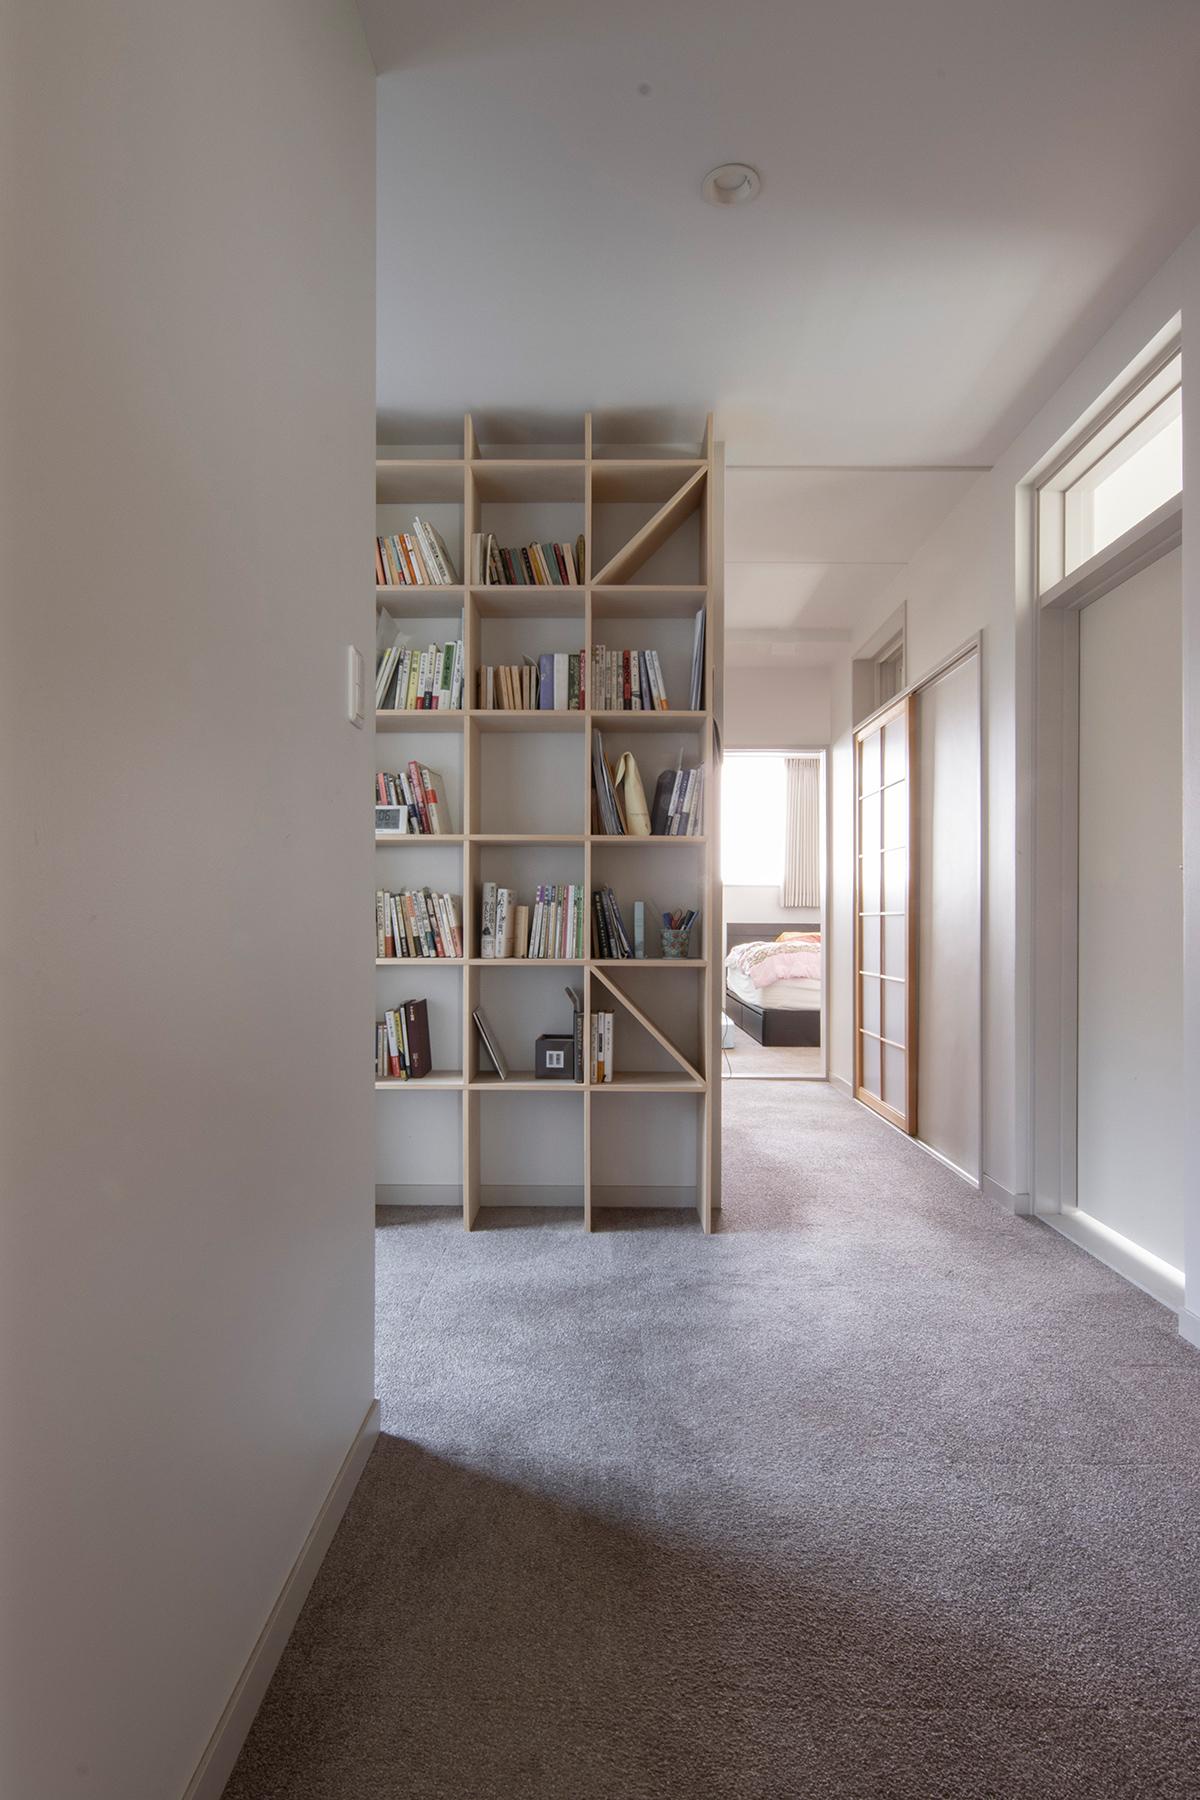 2階の広い廊下に | 壁一面の本棚 奥行250mm / Shelf (No.87) | マルゲリータ使用例